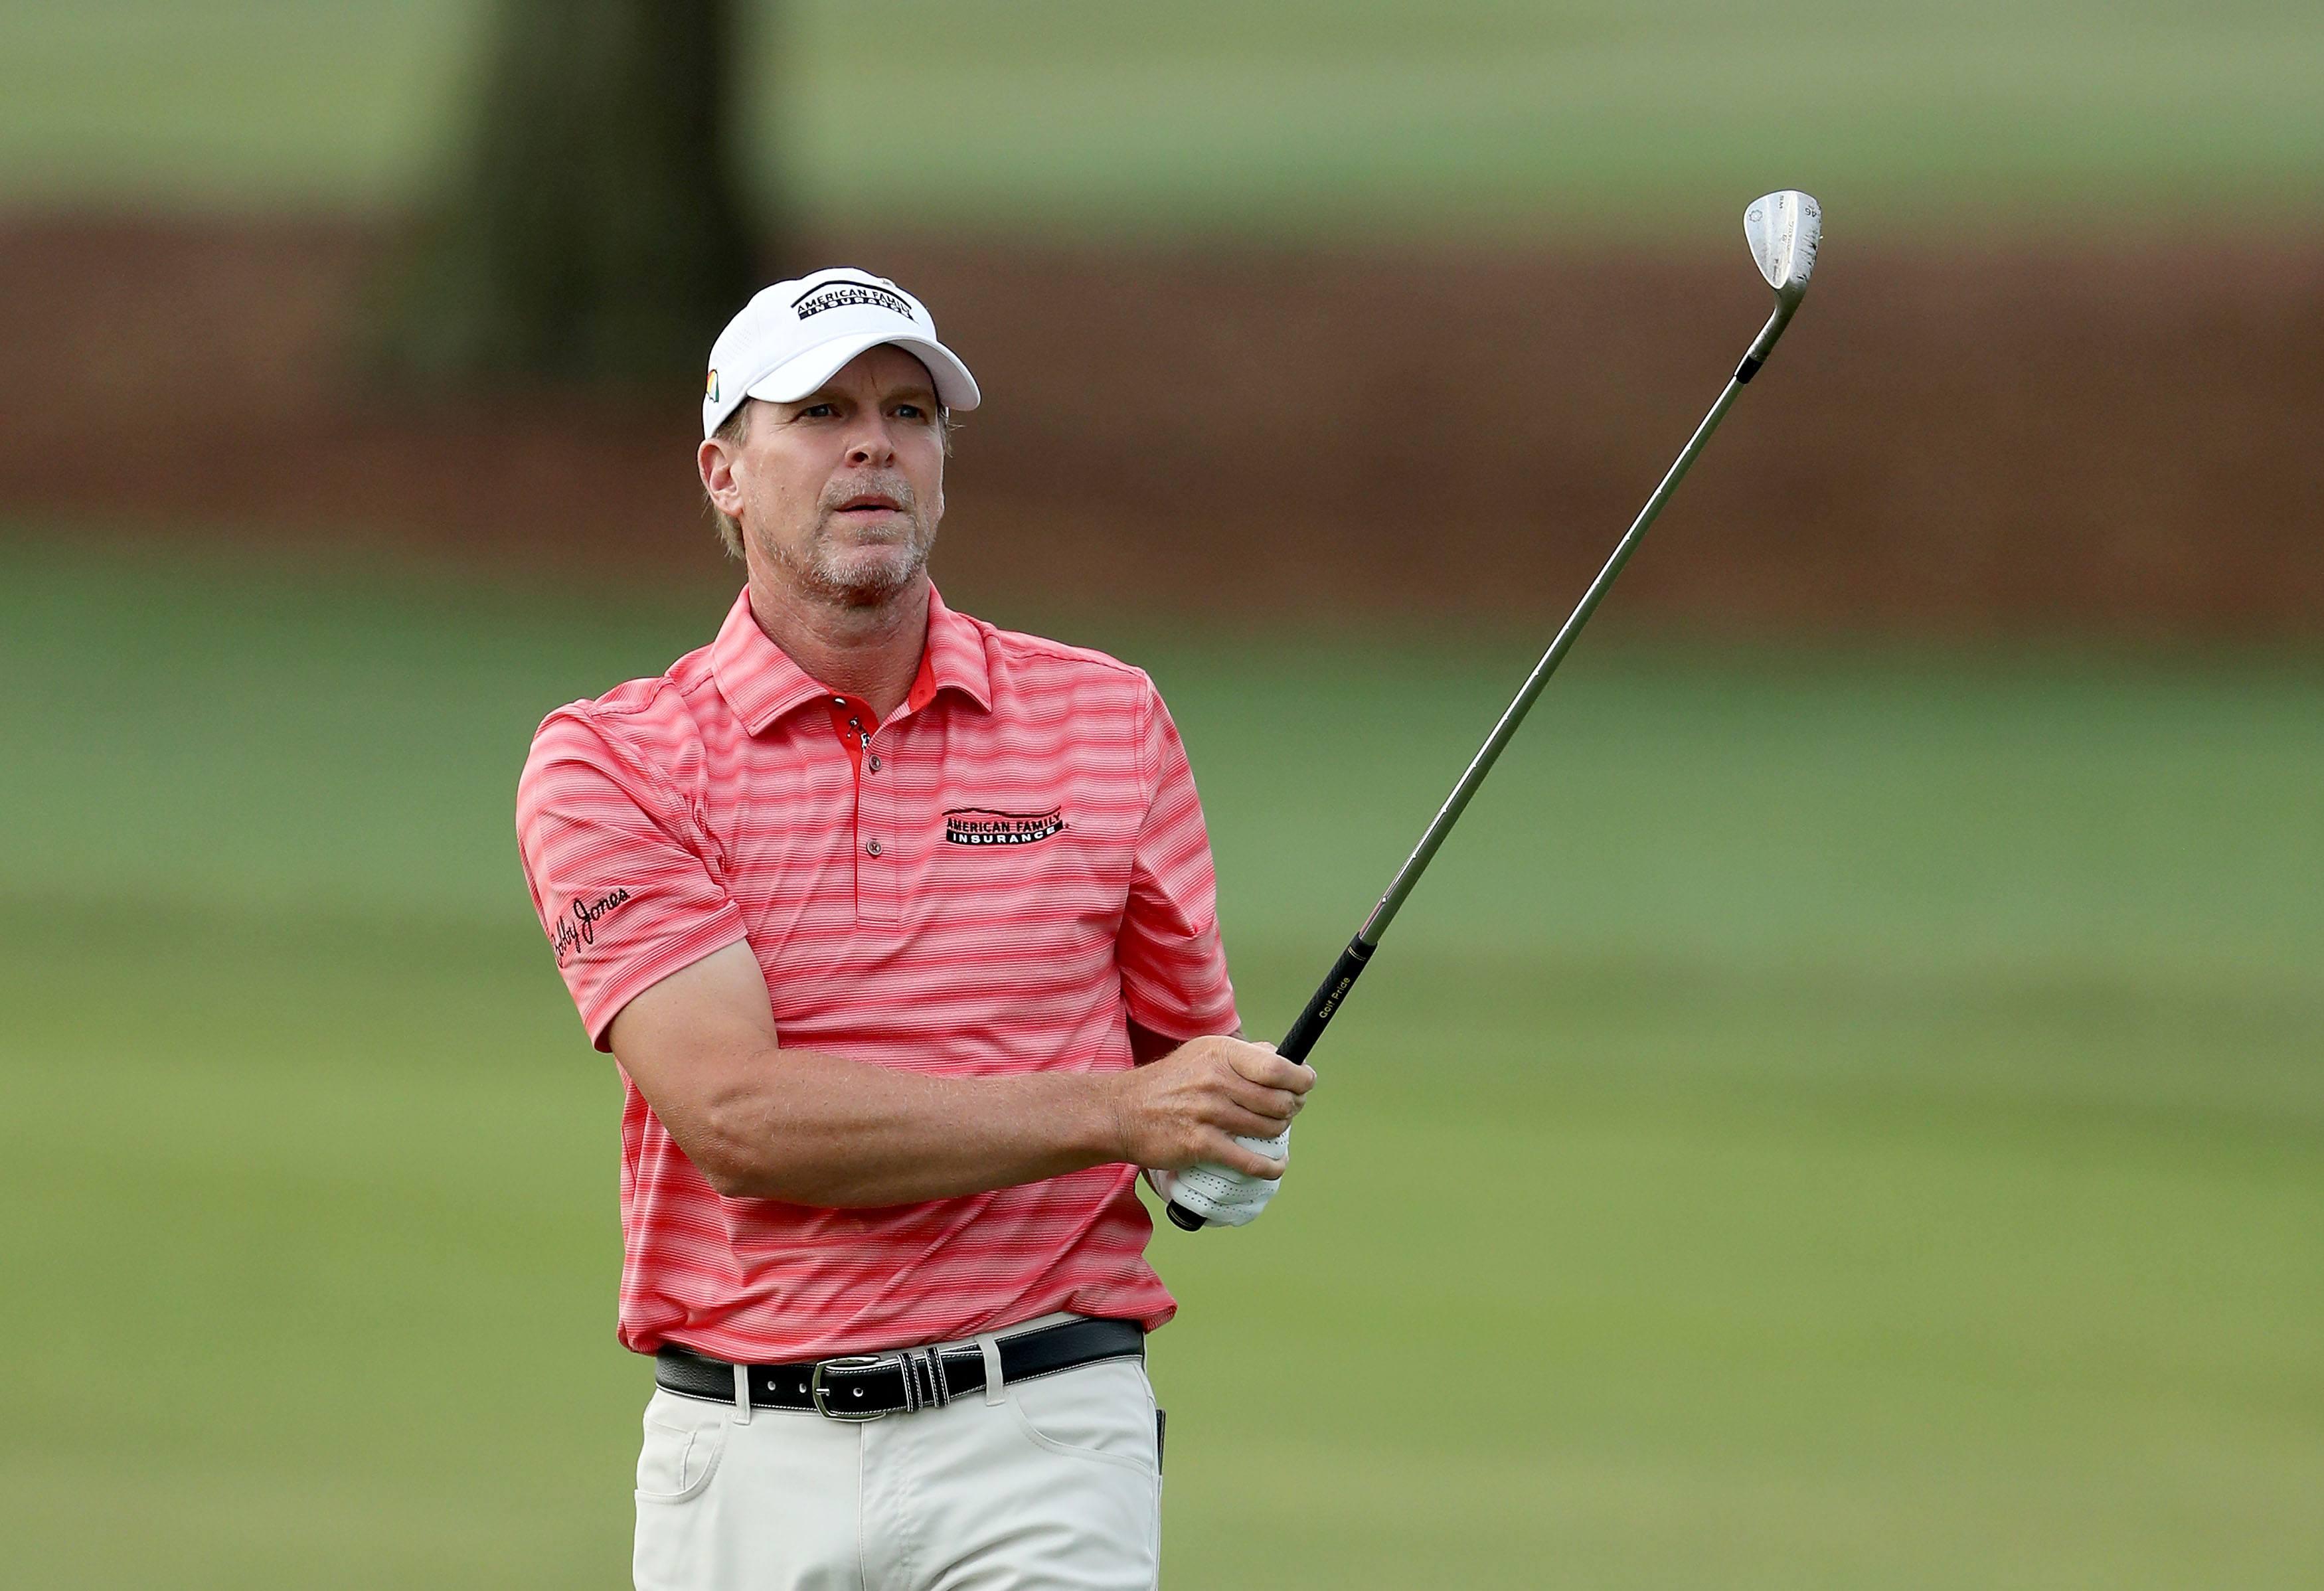 Steve Stricker Sanford International